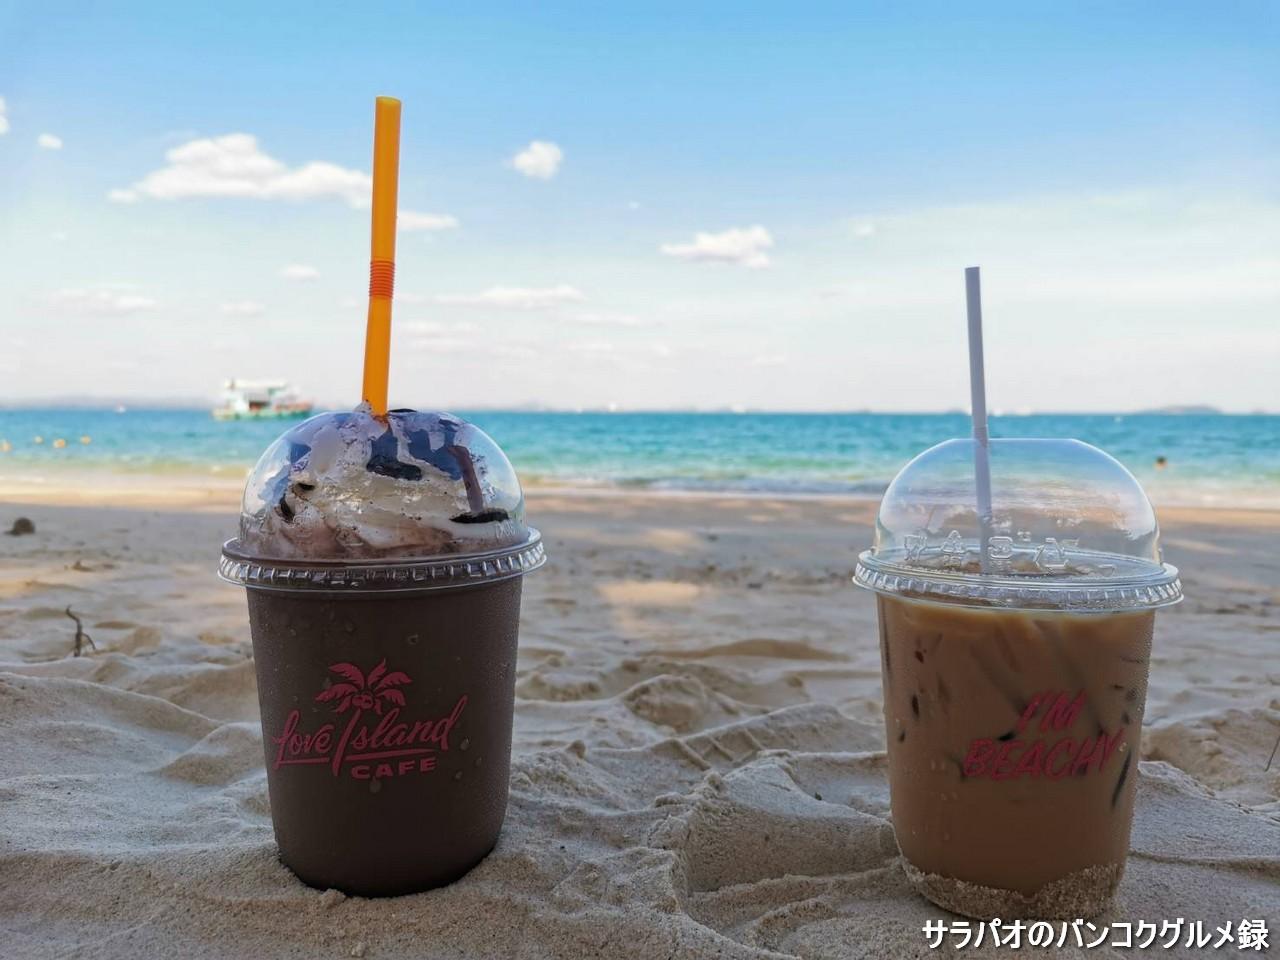 ラブ・アイランド・カフェは静かな穴場ビーチにあるおすすめカフェ in サメット島